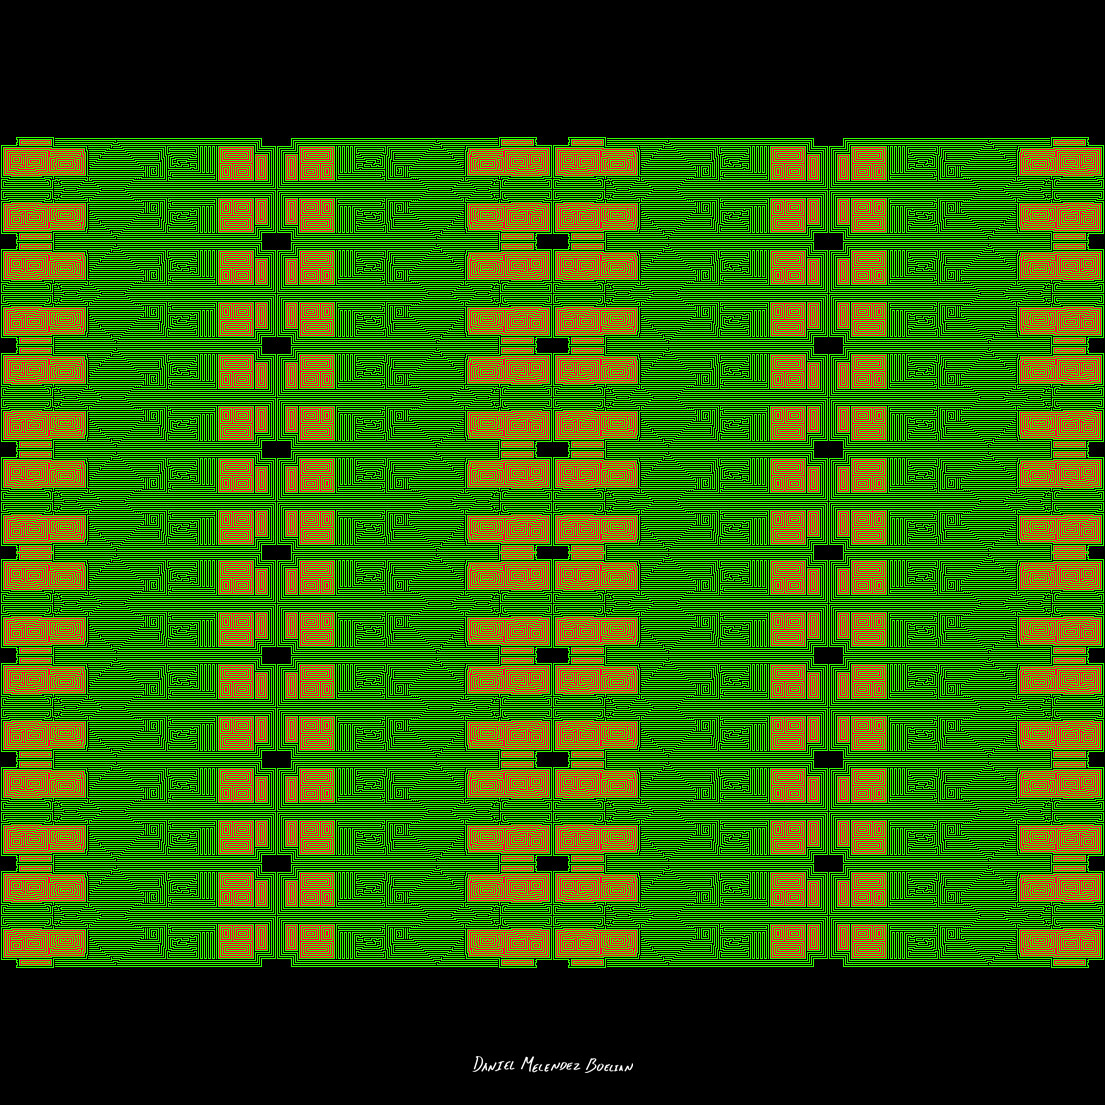 A motherboard like pattern